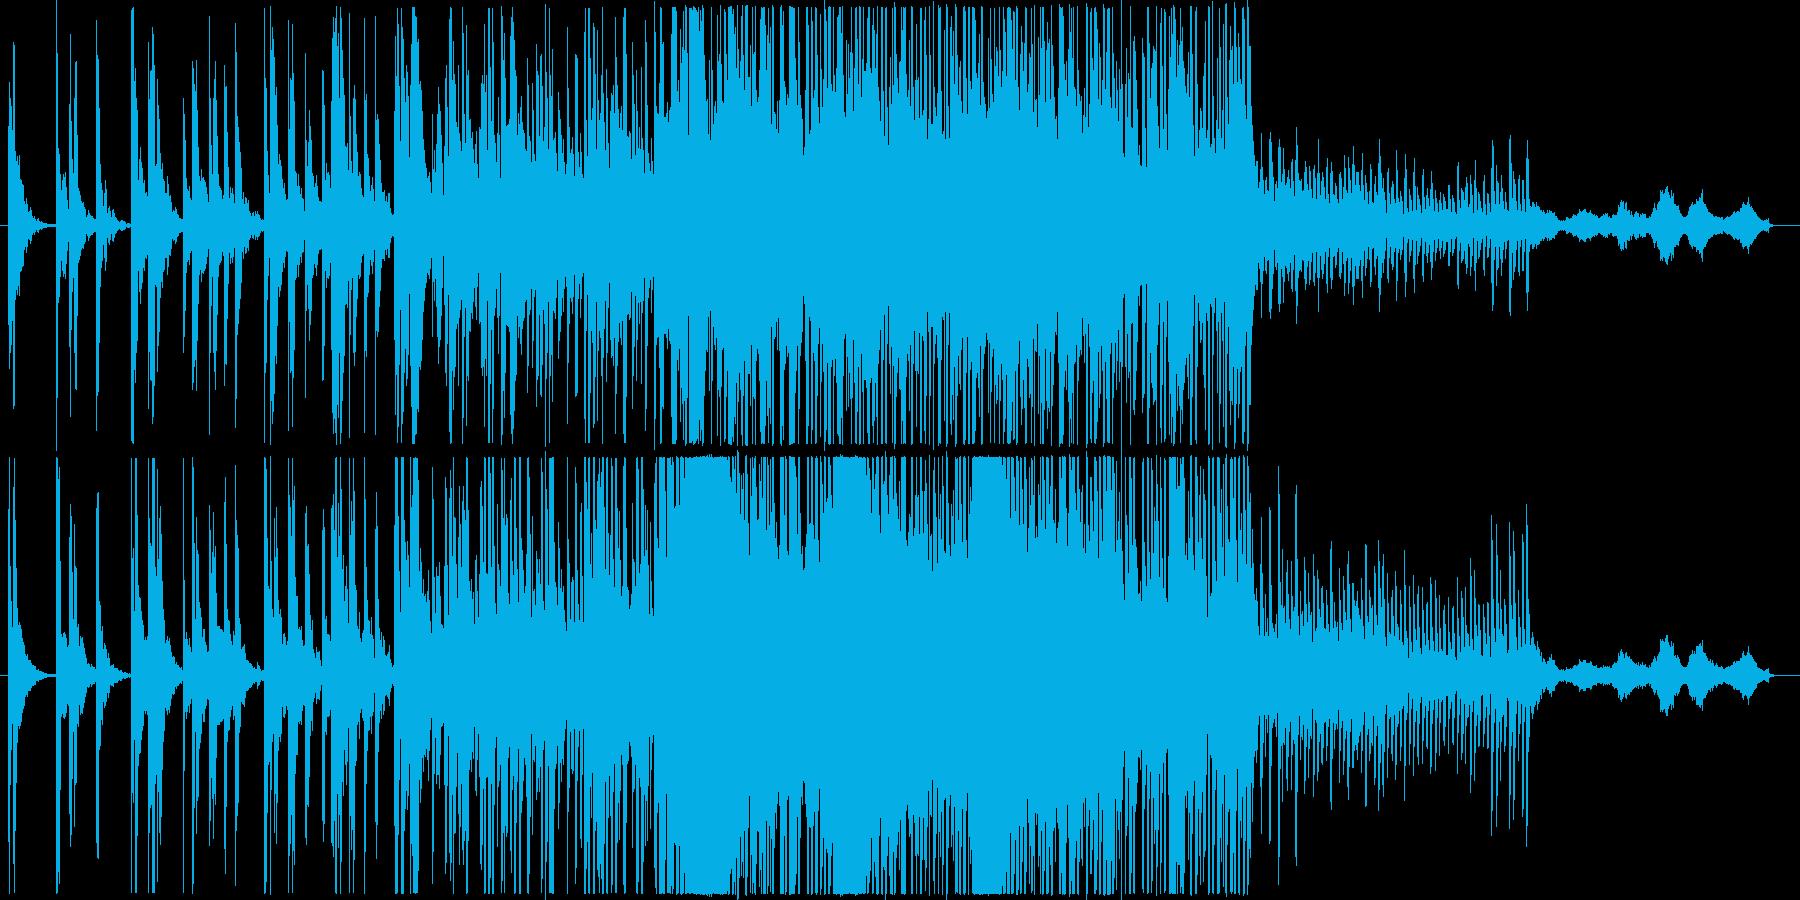 マリンバとピアノの幻想的で少し未来的な曲の再生済みの波形